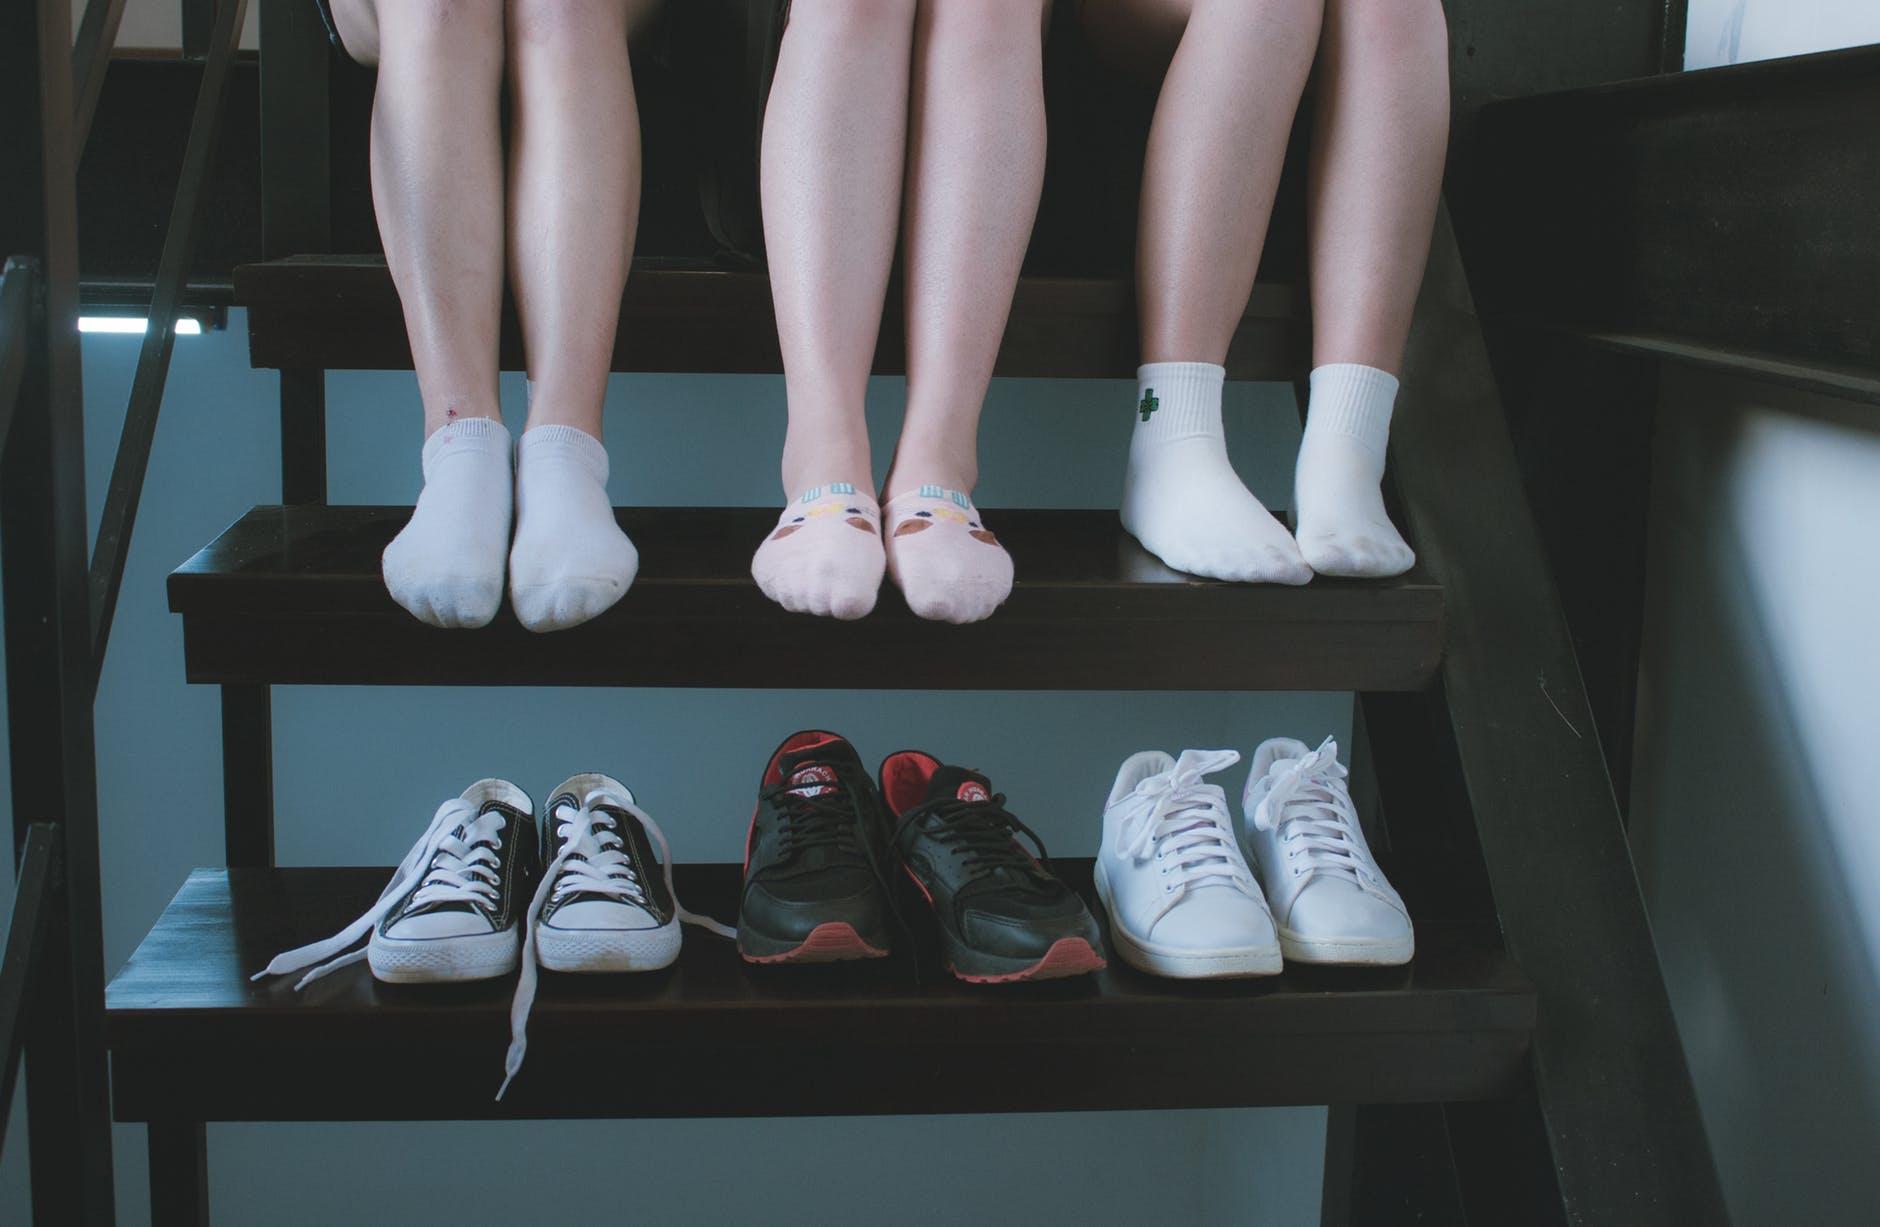 擔心脫鞋時會發出令人不開心的氣味嗎?